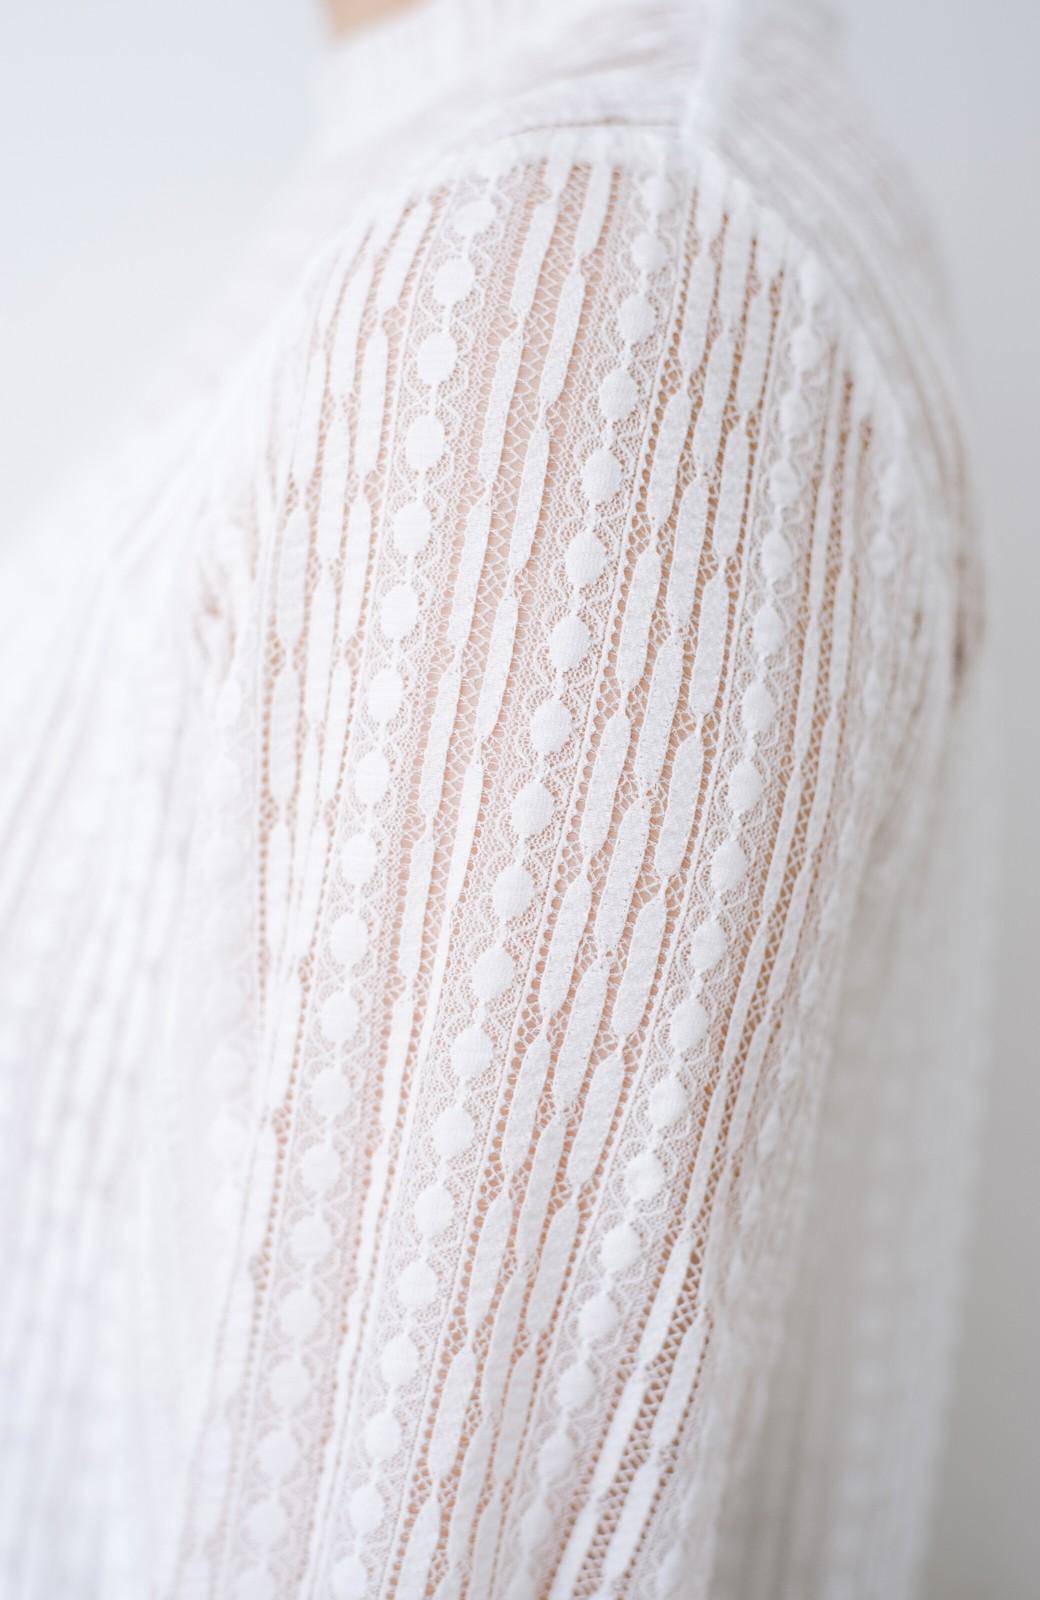 haco! 季節の変わり目や重ね着にも便利なやわらかレーストップス <ホワイト>の商品写真10